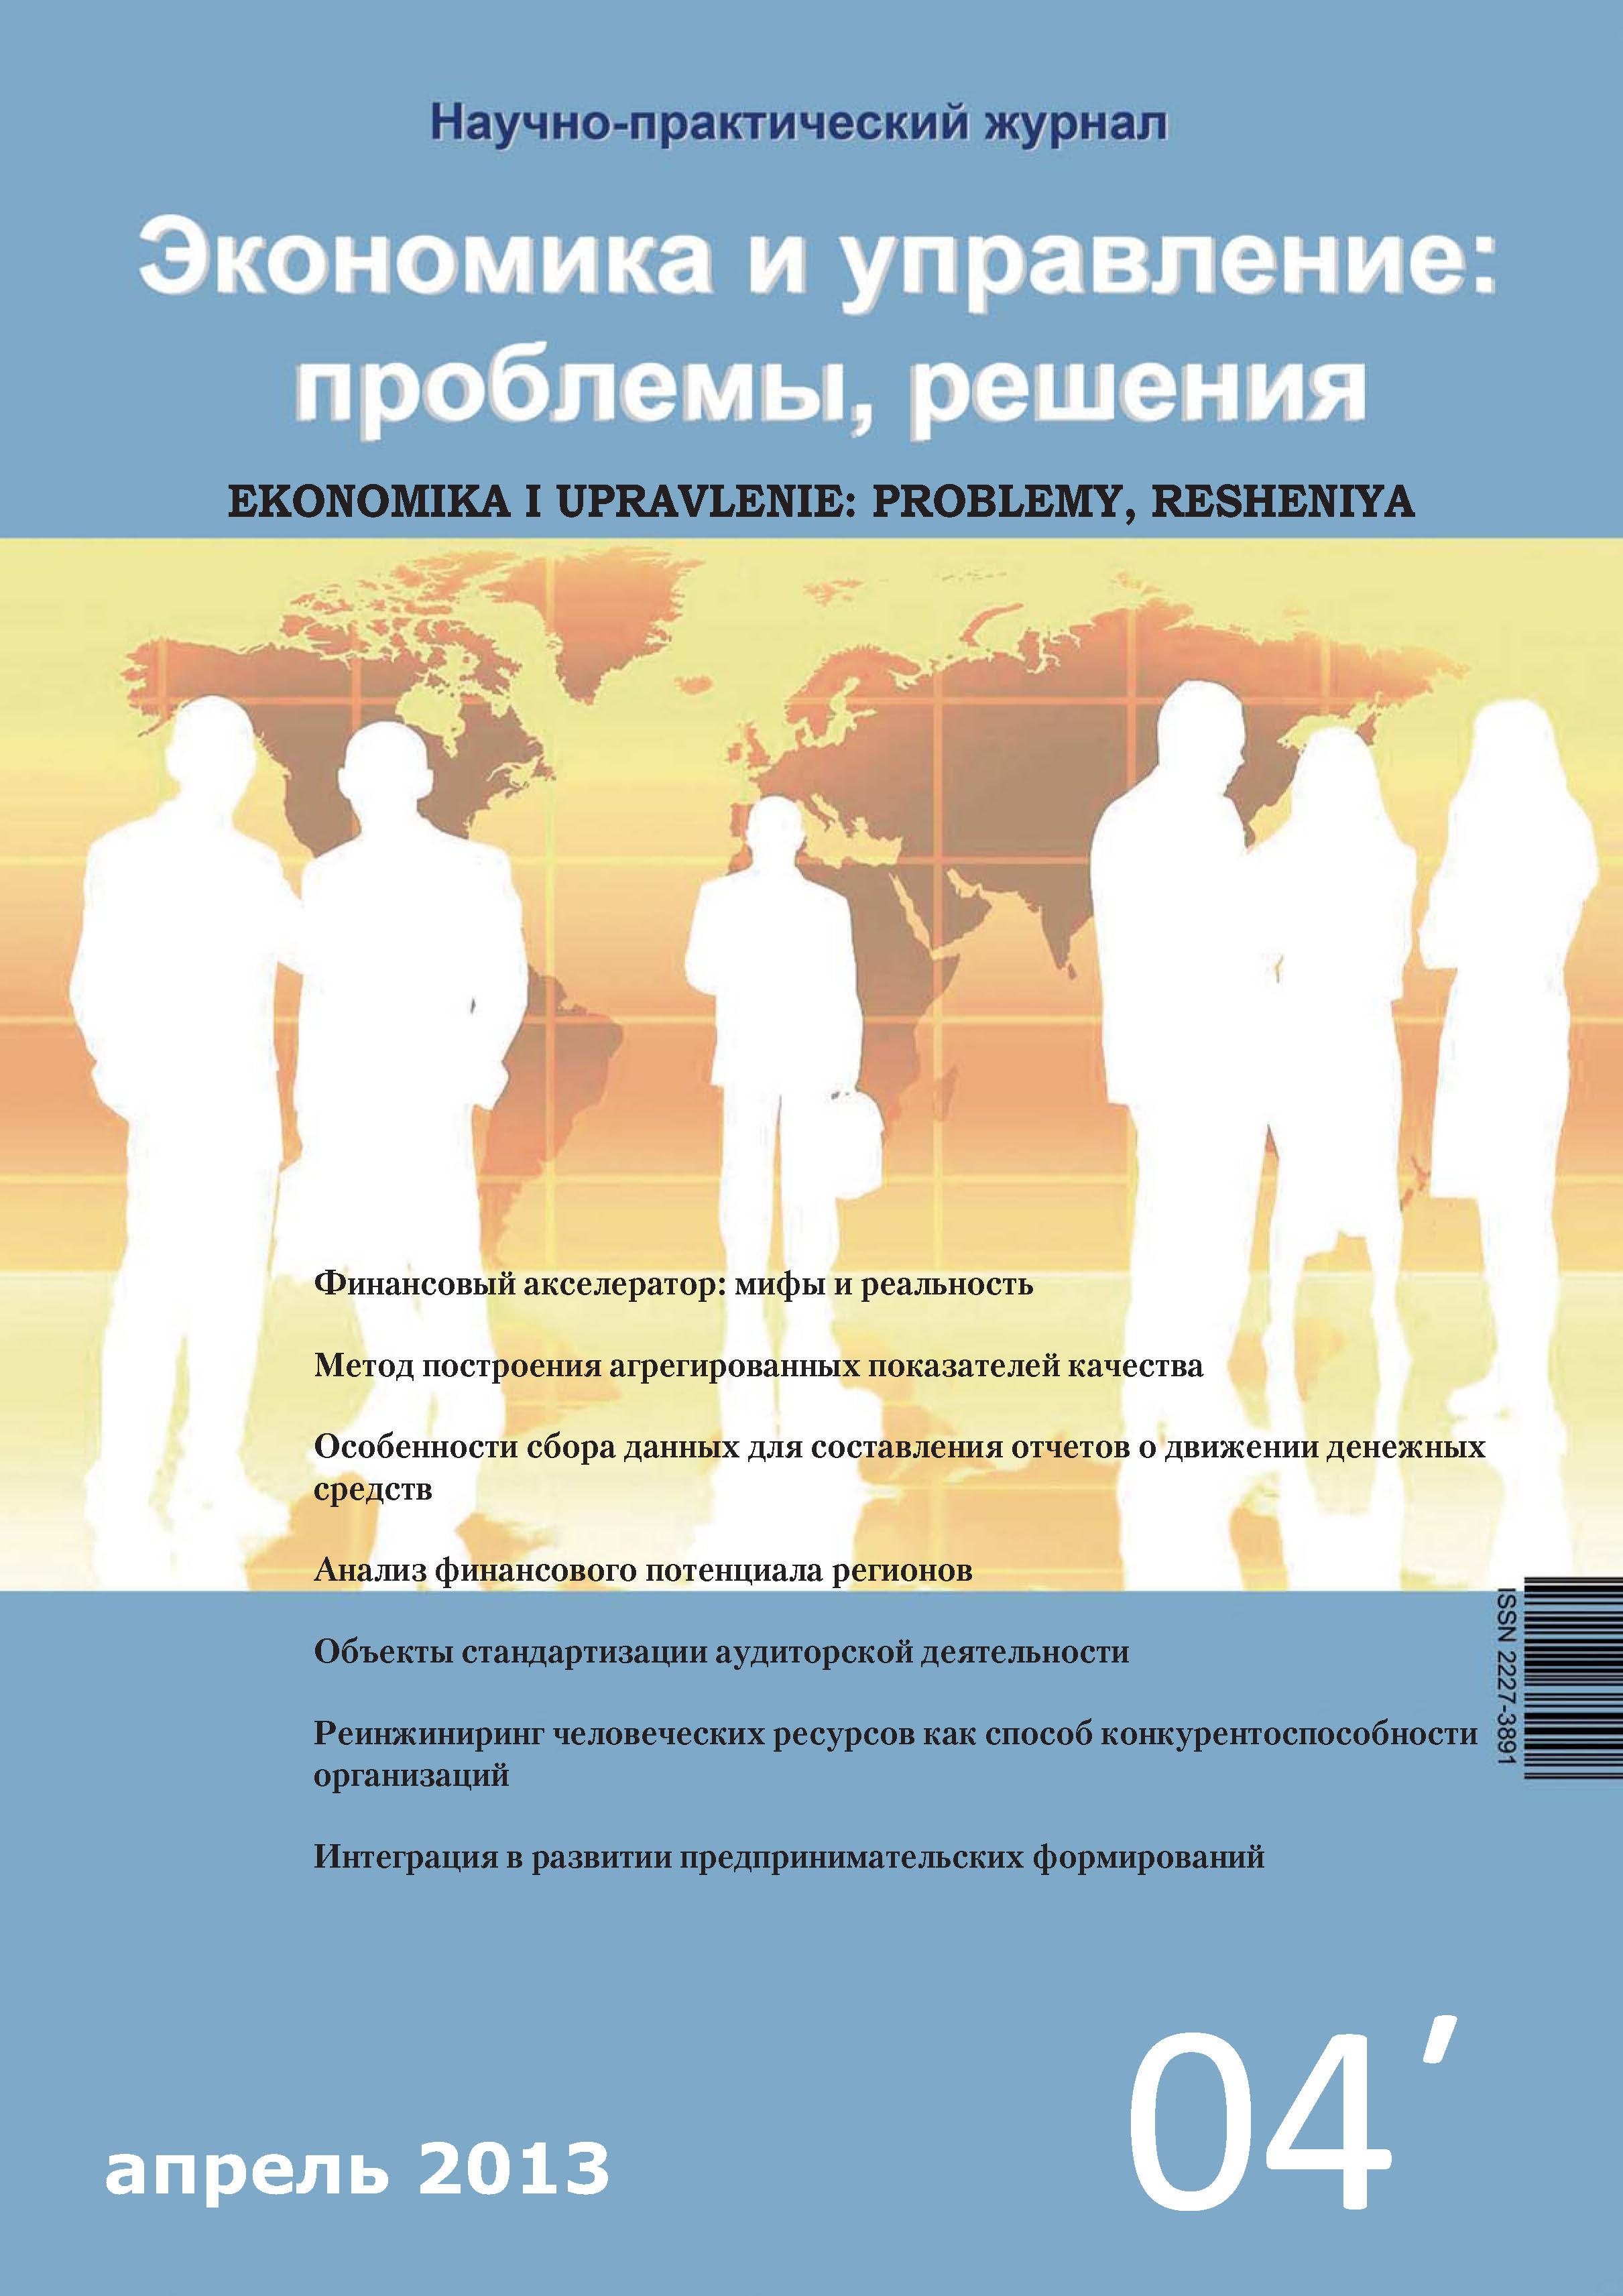 Экономика и управление: проблемы, решения №04/2013